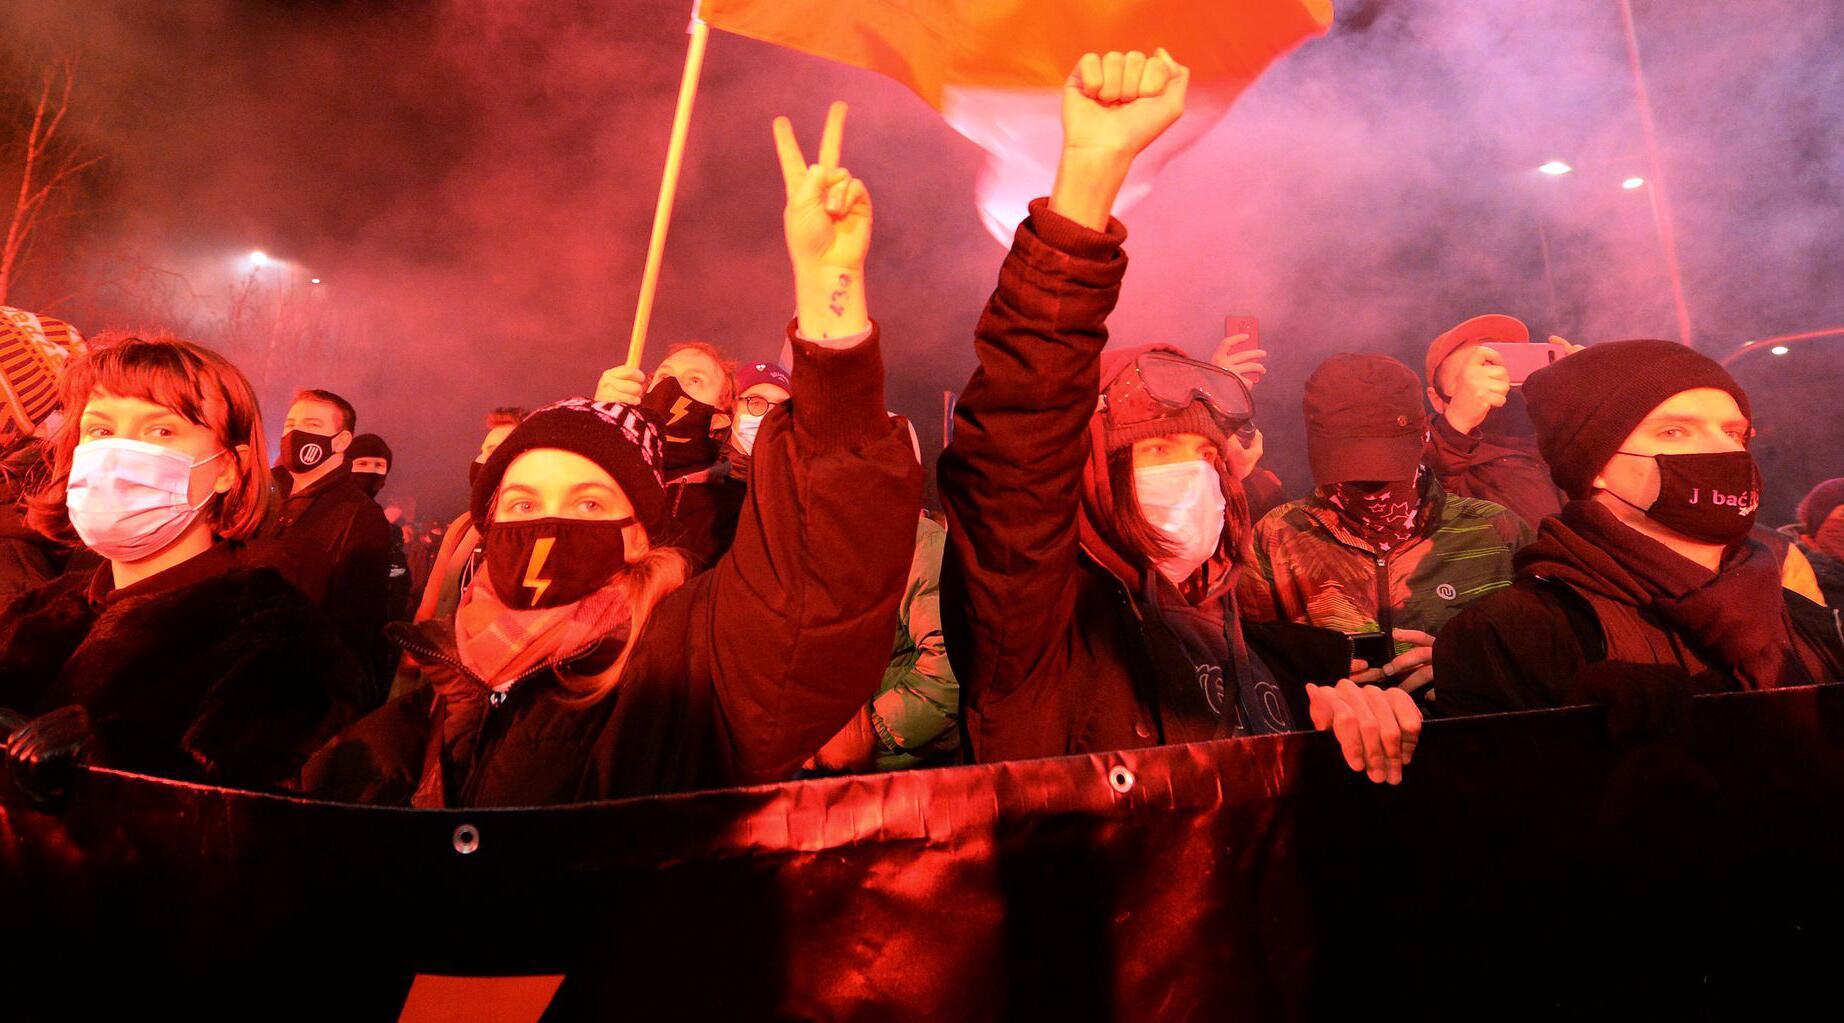 Erneute Proteste gegen verschärftes Abtreibungsrecht in Polen geplant